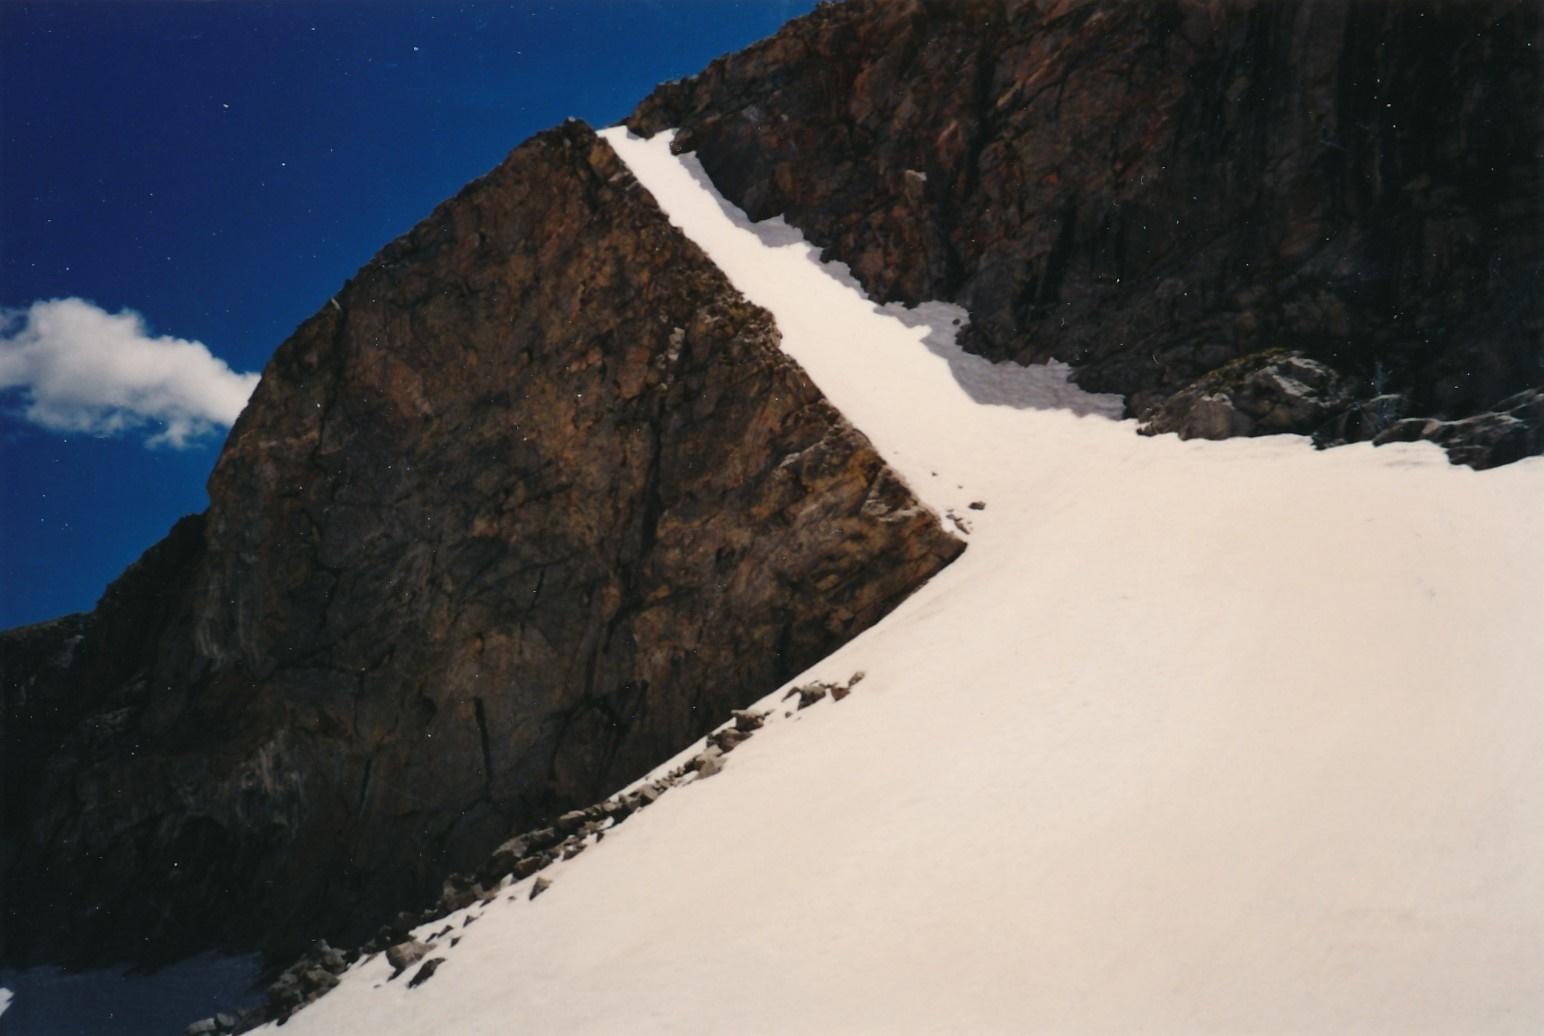 Tijeras Ascent Couloir